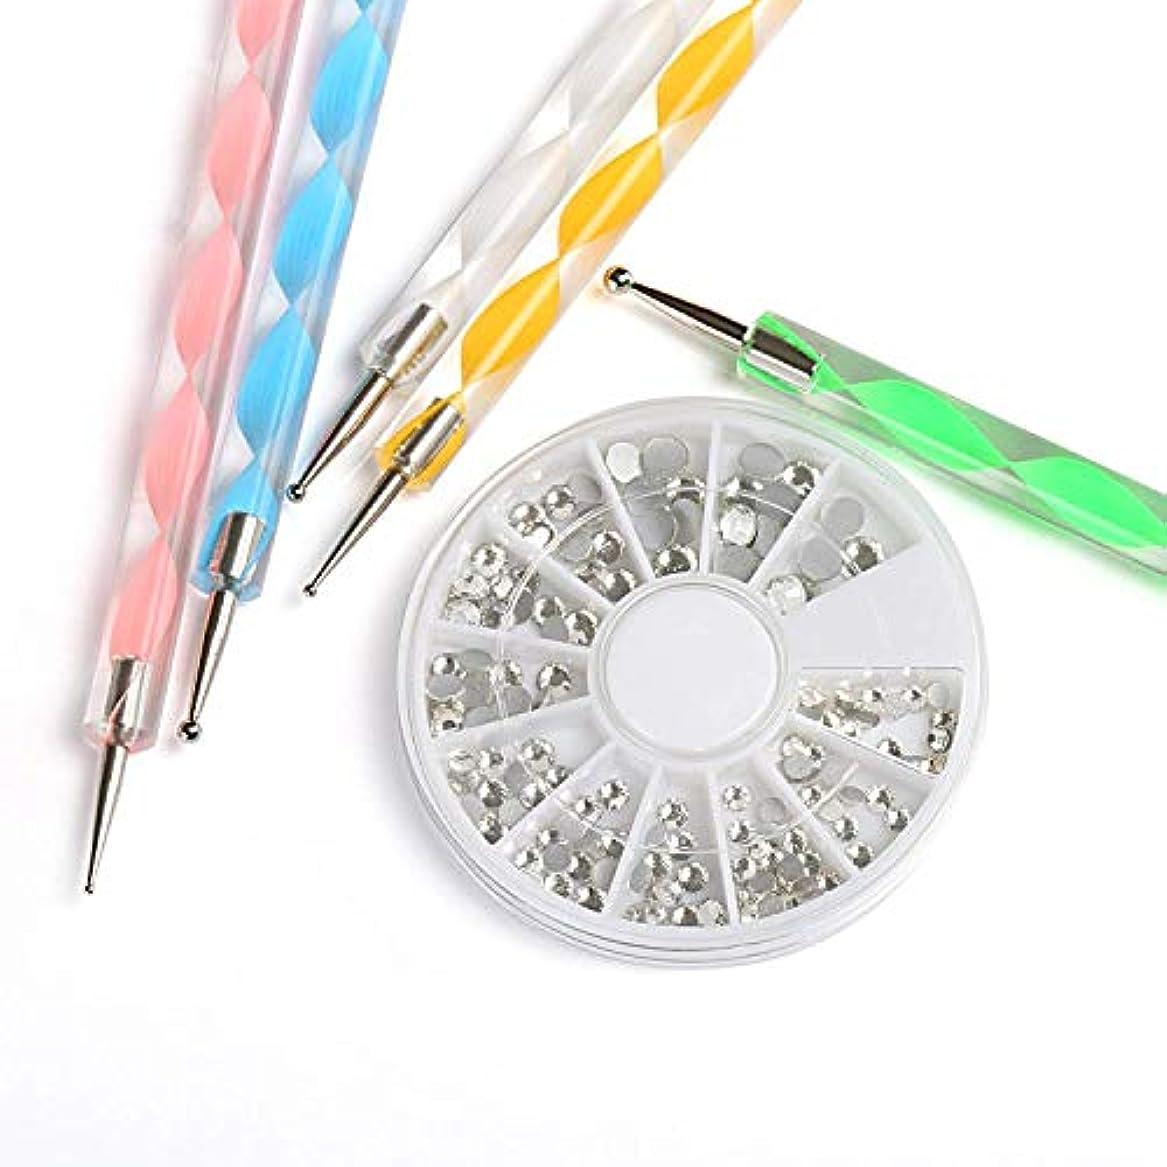 雇用薄暗い週間NALER ネイルデザイン ドッティングラインストーンネイルアートドットペン ドット棒 5本